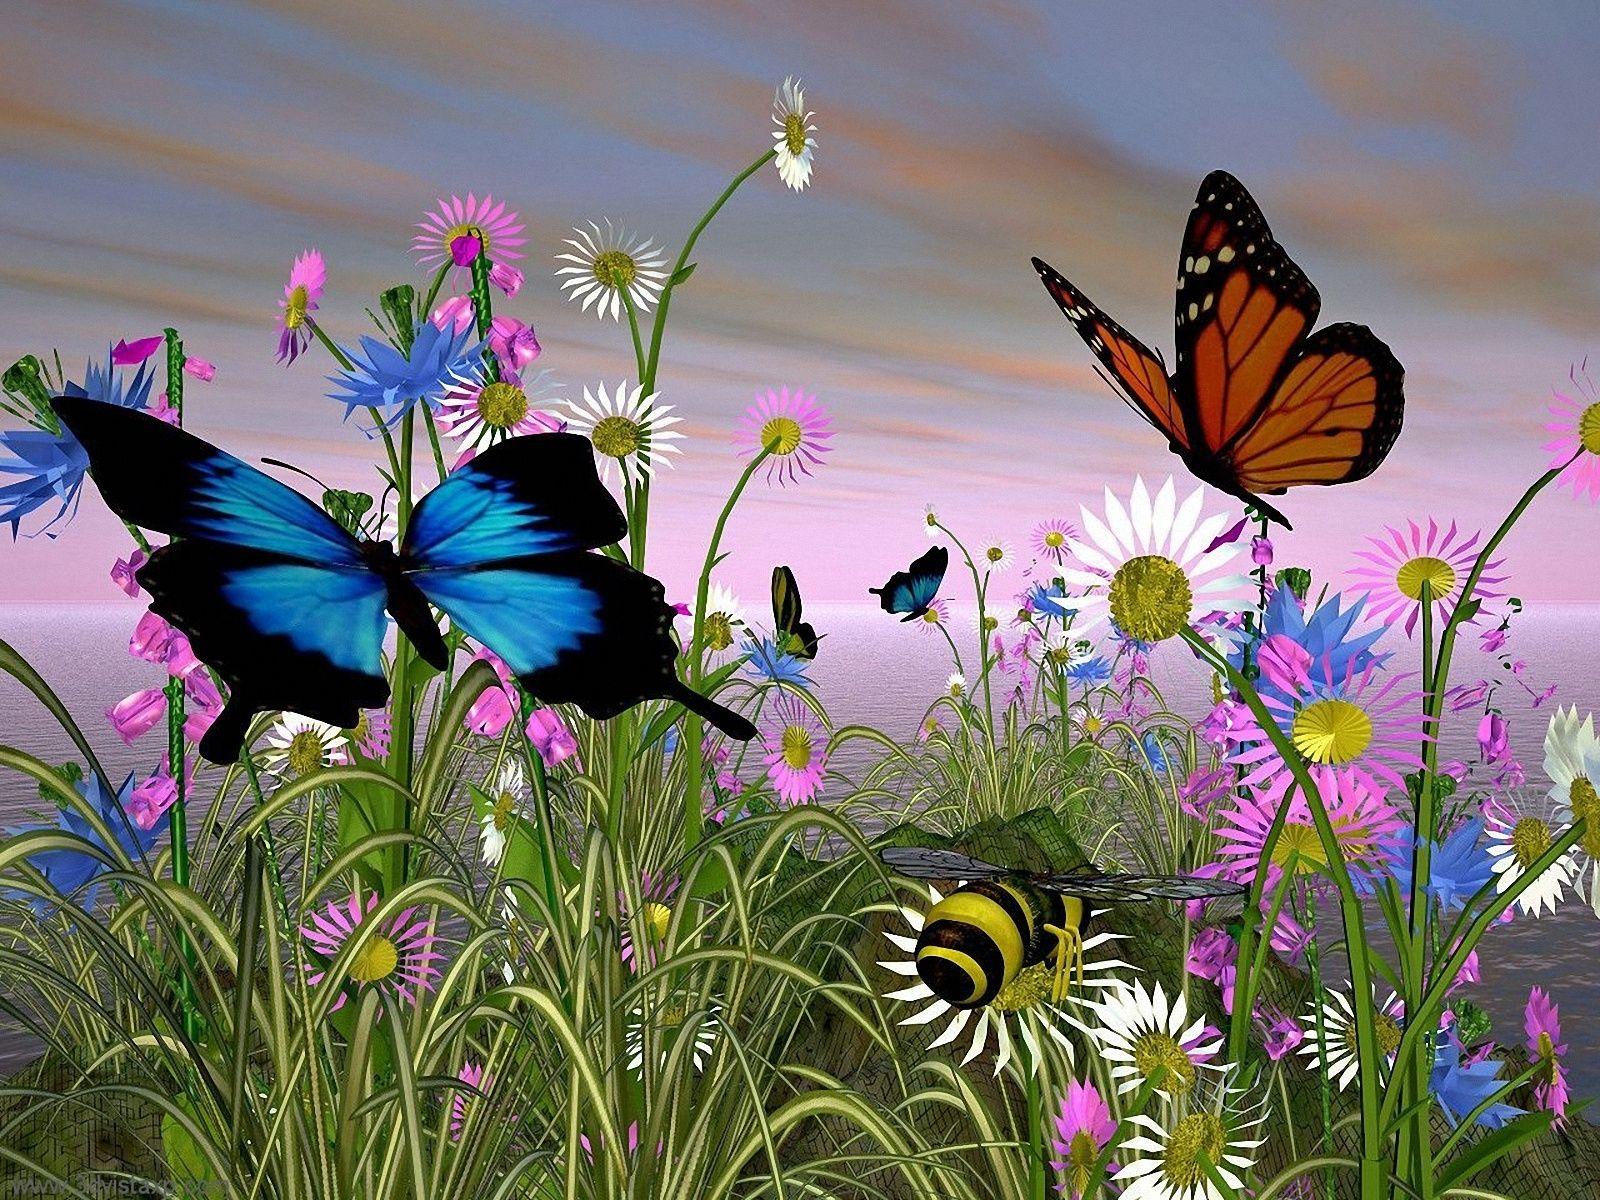 Paisajes De Flores Mariposas Una Azul Y Otra Marrón En Un Paisaje